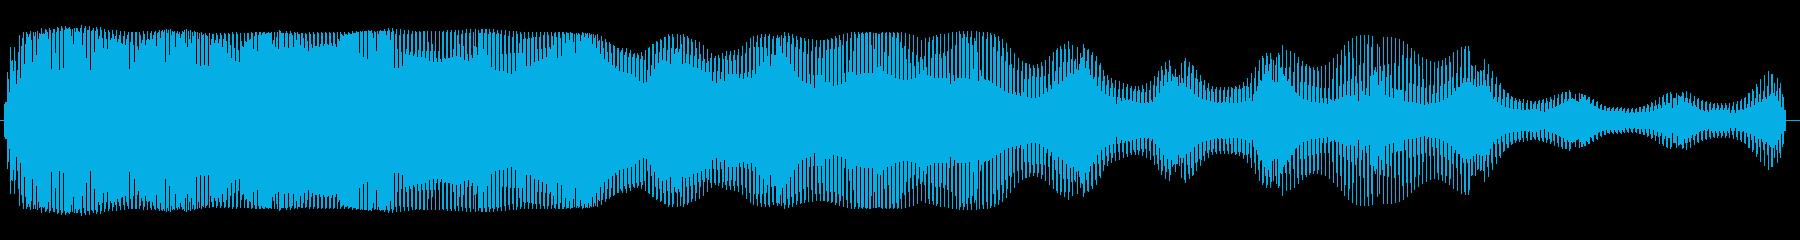 ワープエンジン(不気味な感じの効果音)の再生済みの波形